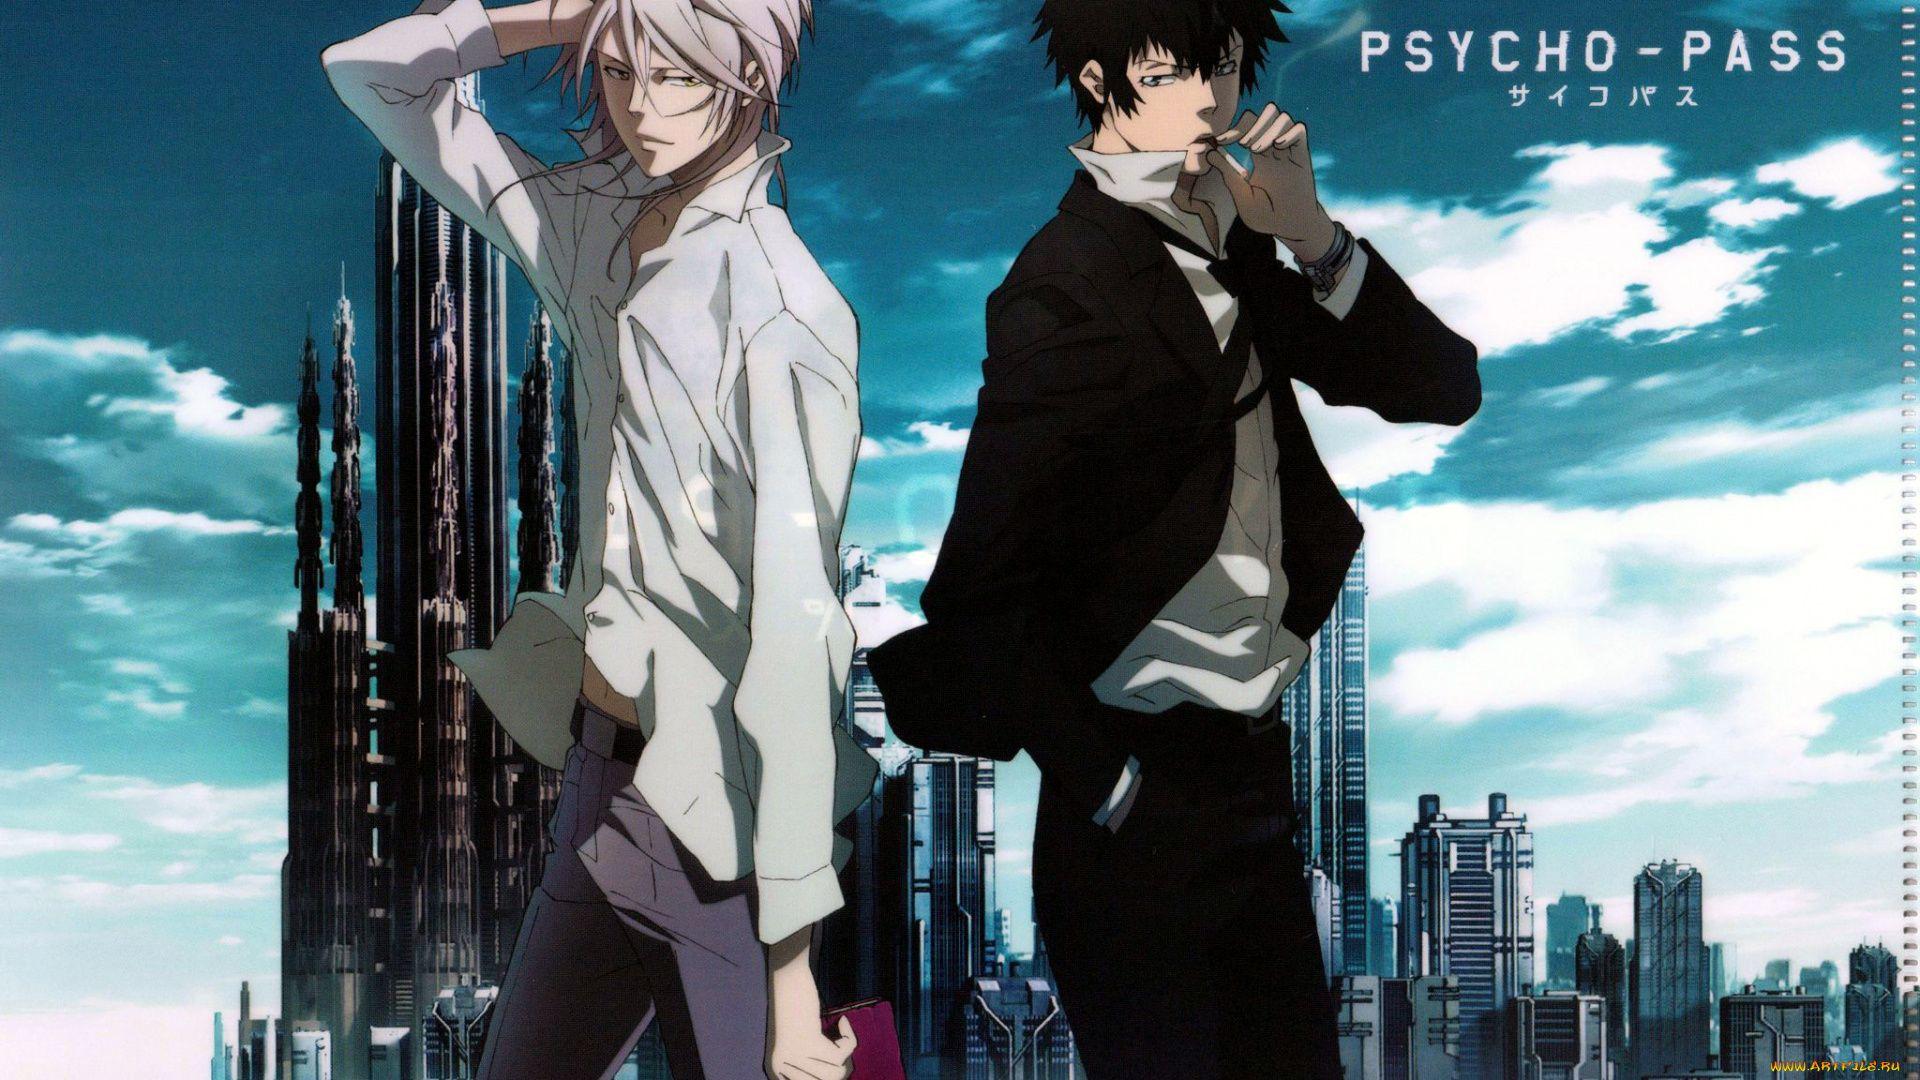 Psycho Pass beautiful wallpaper